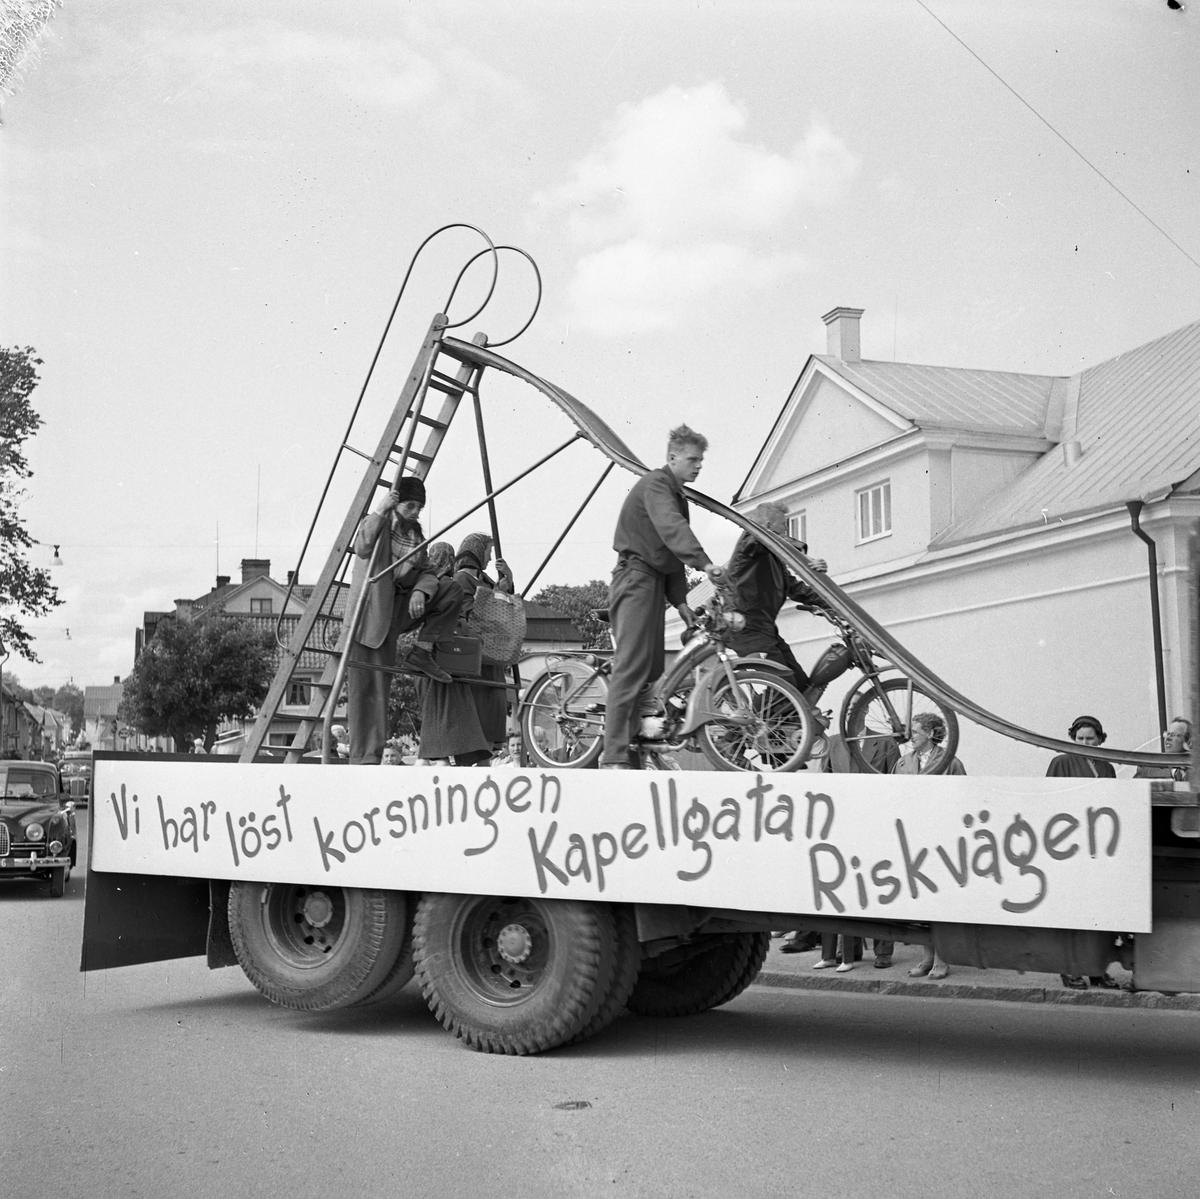 """Barnens Dag firas. En lastbil med texten """"Vi har löst korsningen Kapellgatan Riskvägen"""" och en rutschkana på flaket. Där står även två grabbar med var sin moped."""